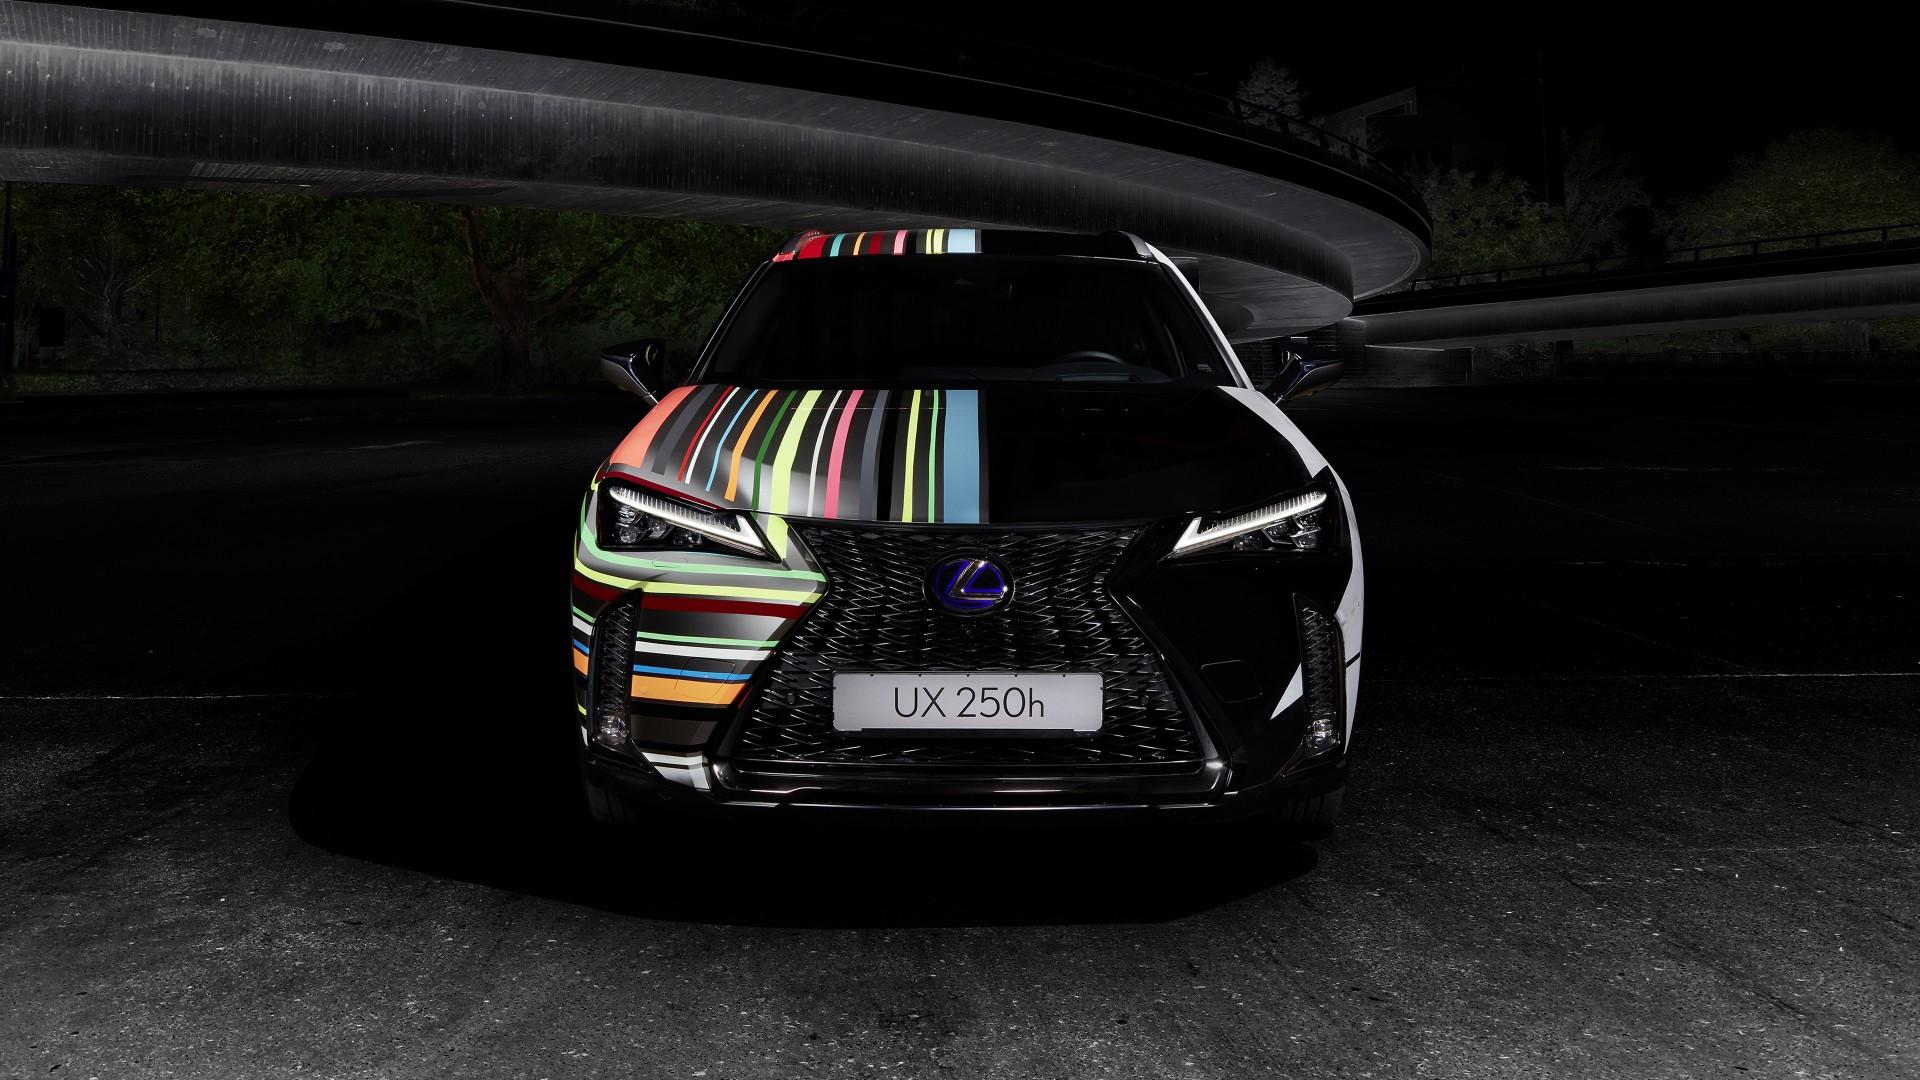 Lexus F Sport >> Lexus UX 250h F SPORT by René Turrek 2019 4K Wallpaper   HD Car Wallpapers   ID #12654